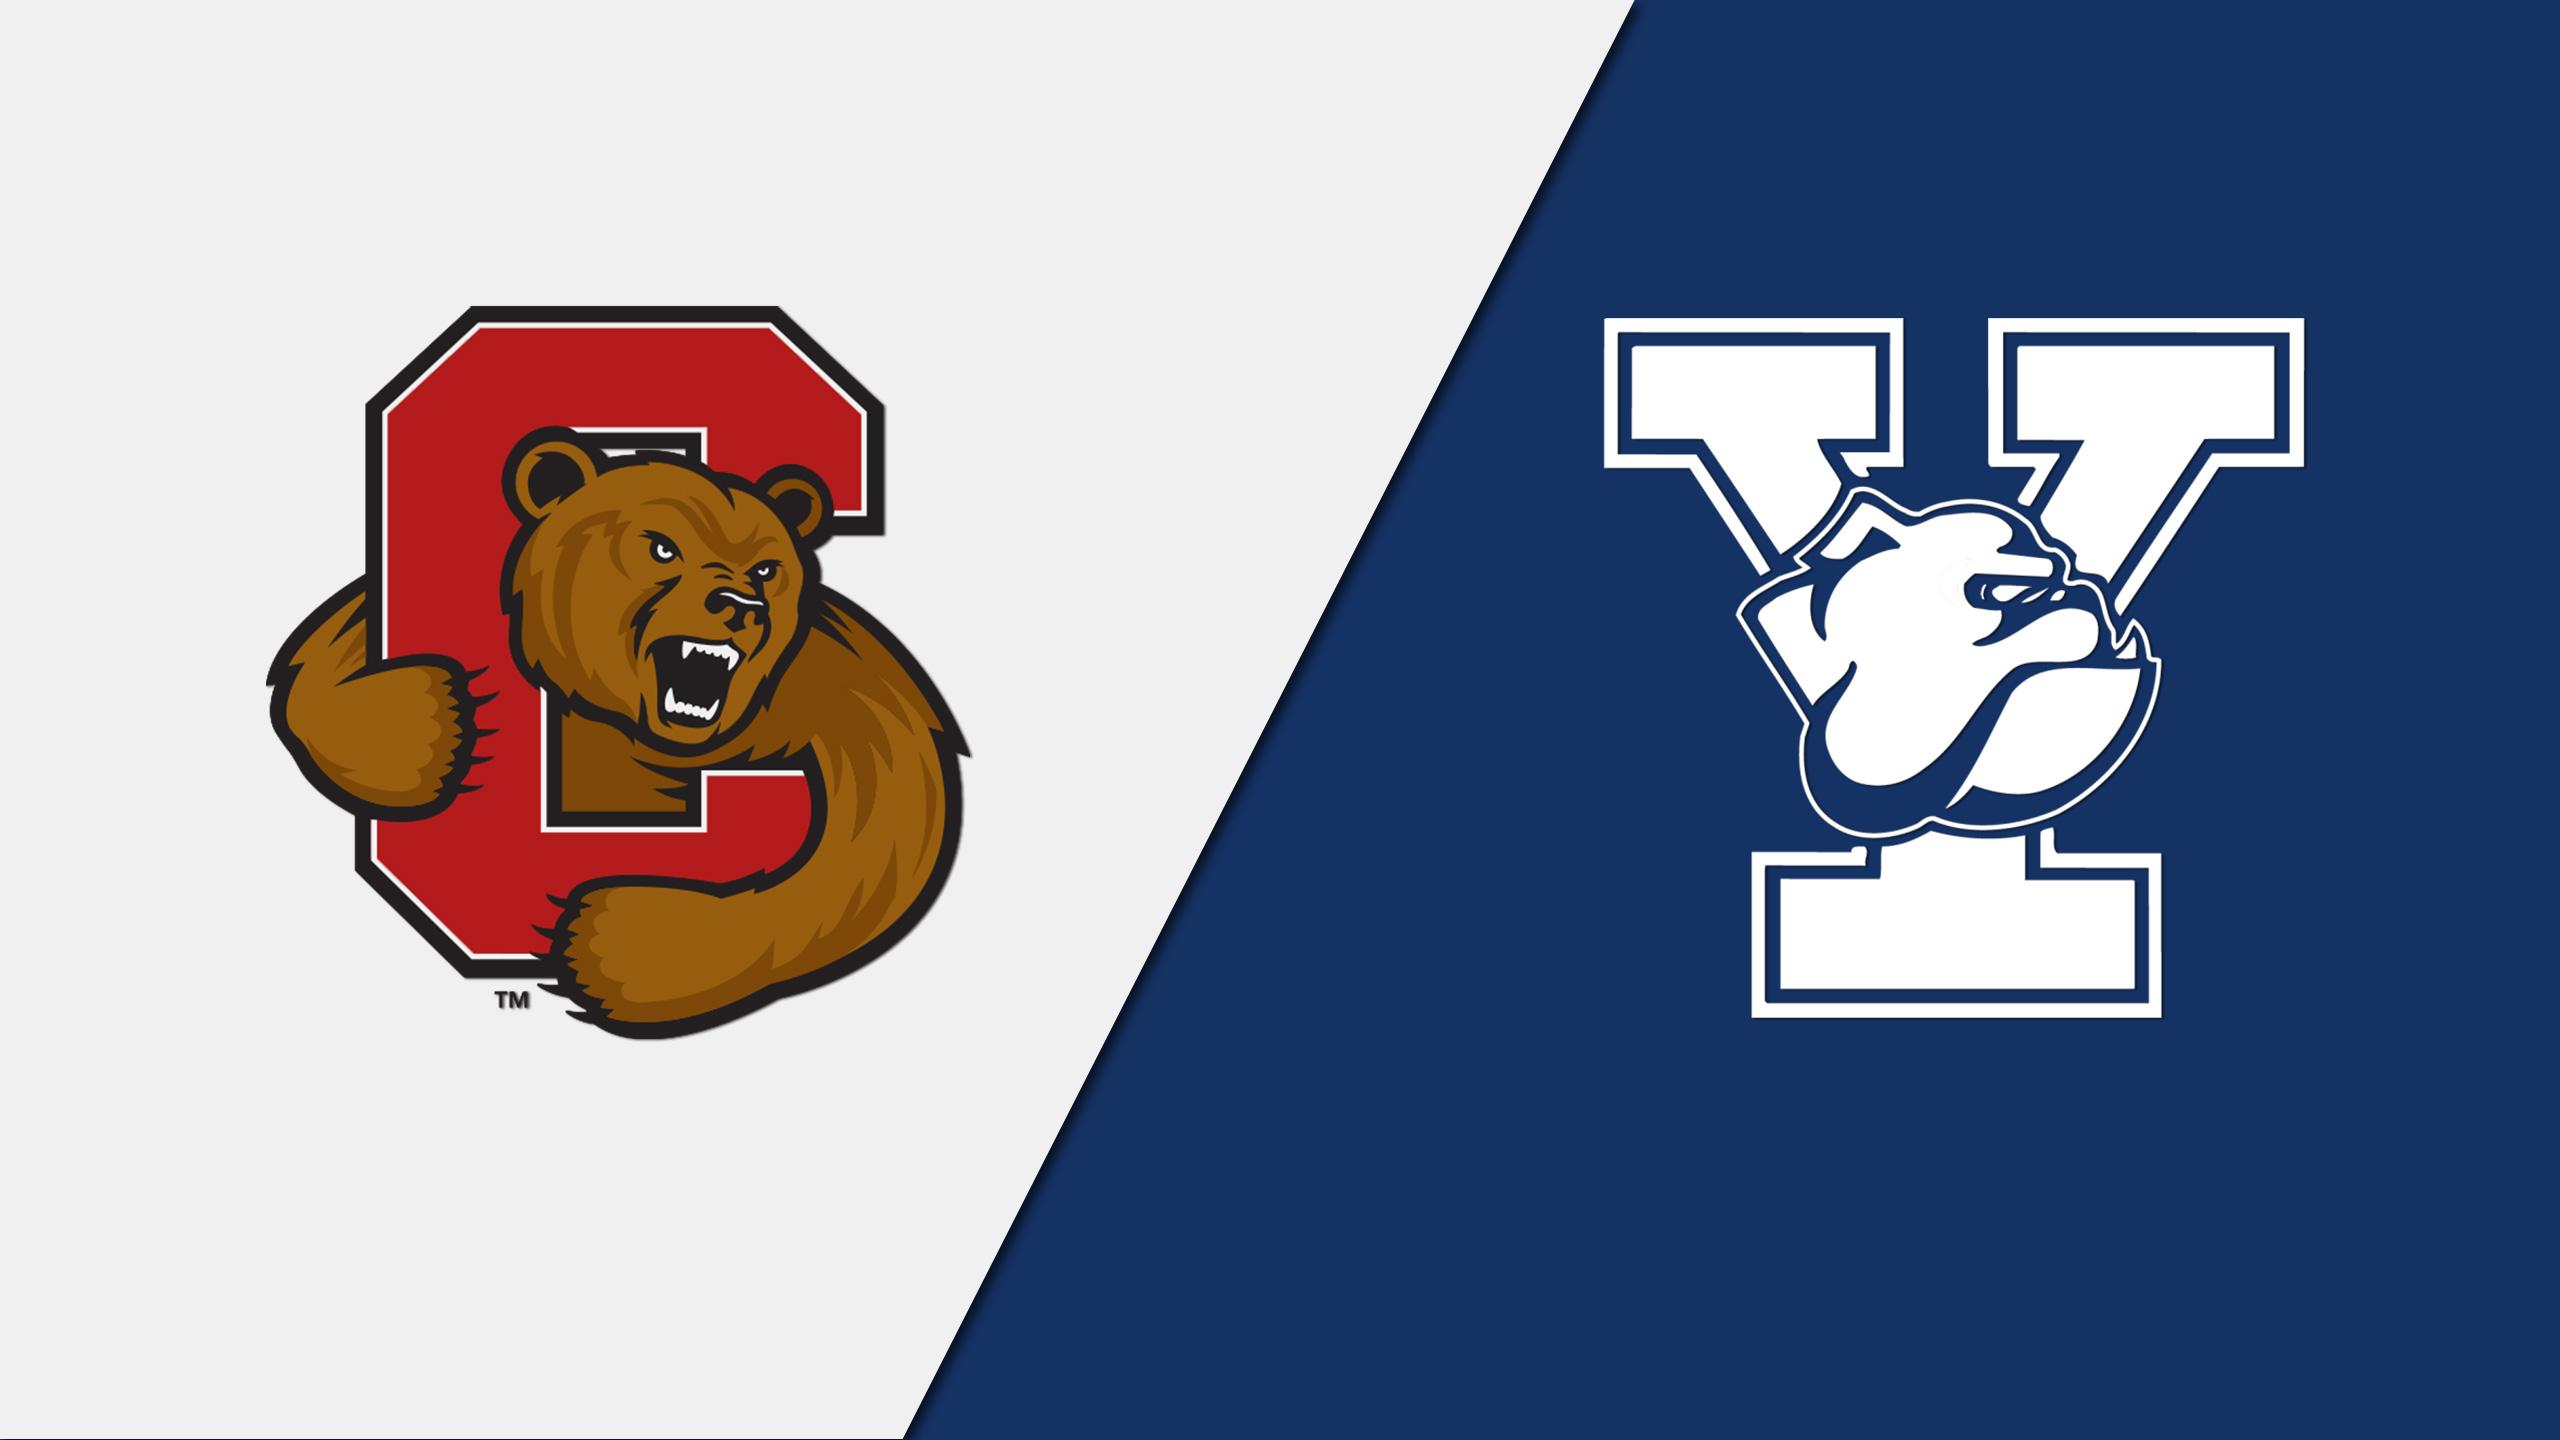 #9 Cornell vs. #2 Yale (Semifinal #2)